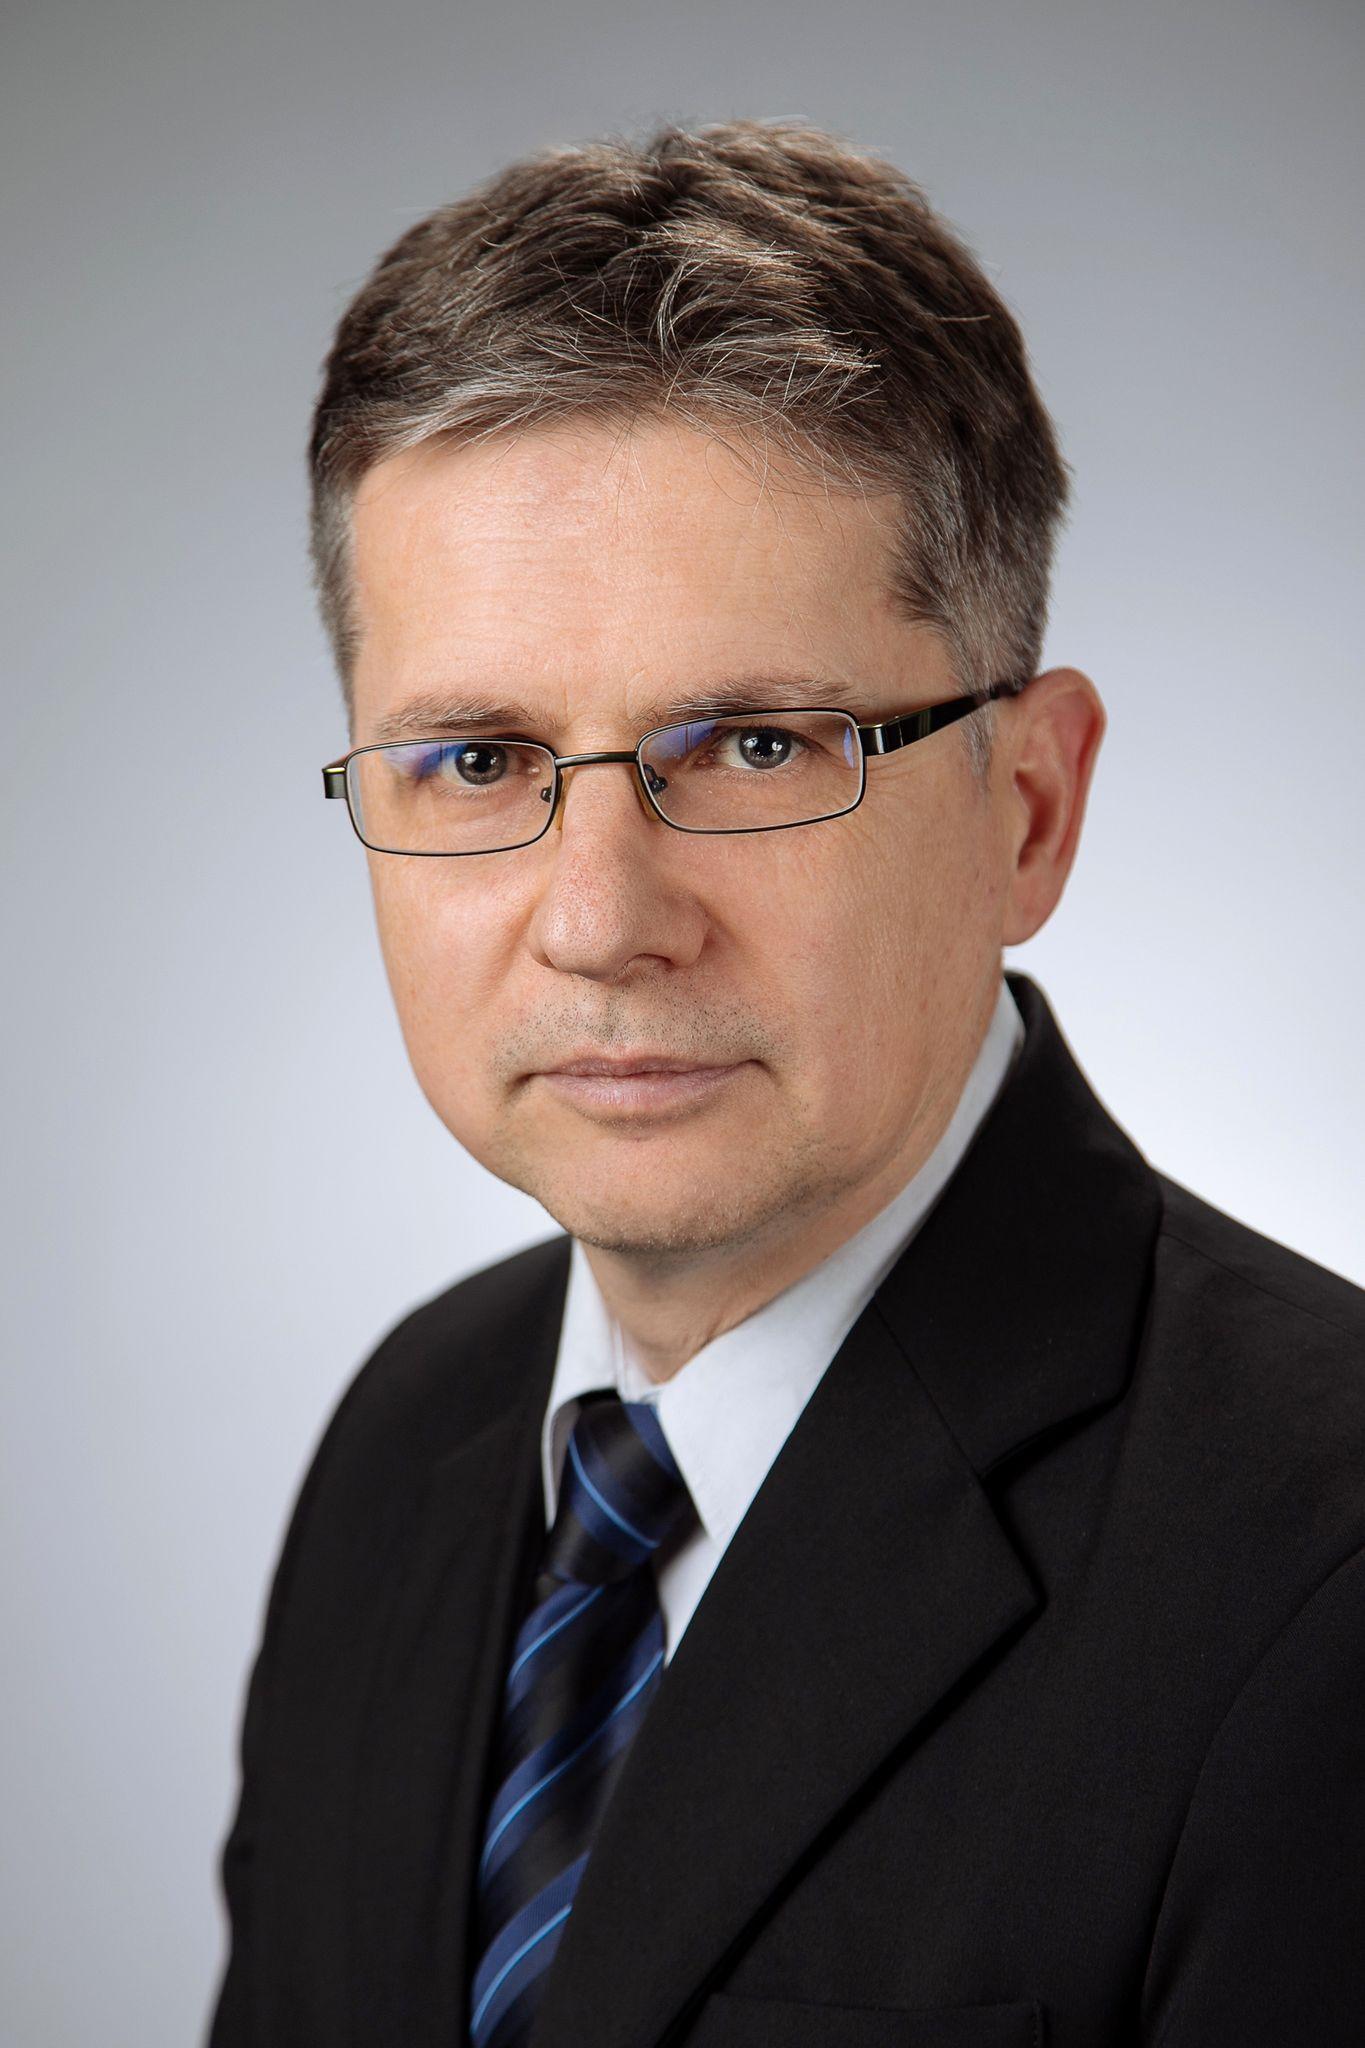 Huszár Márton